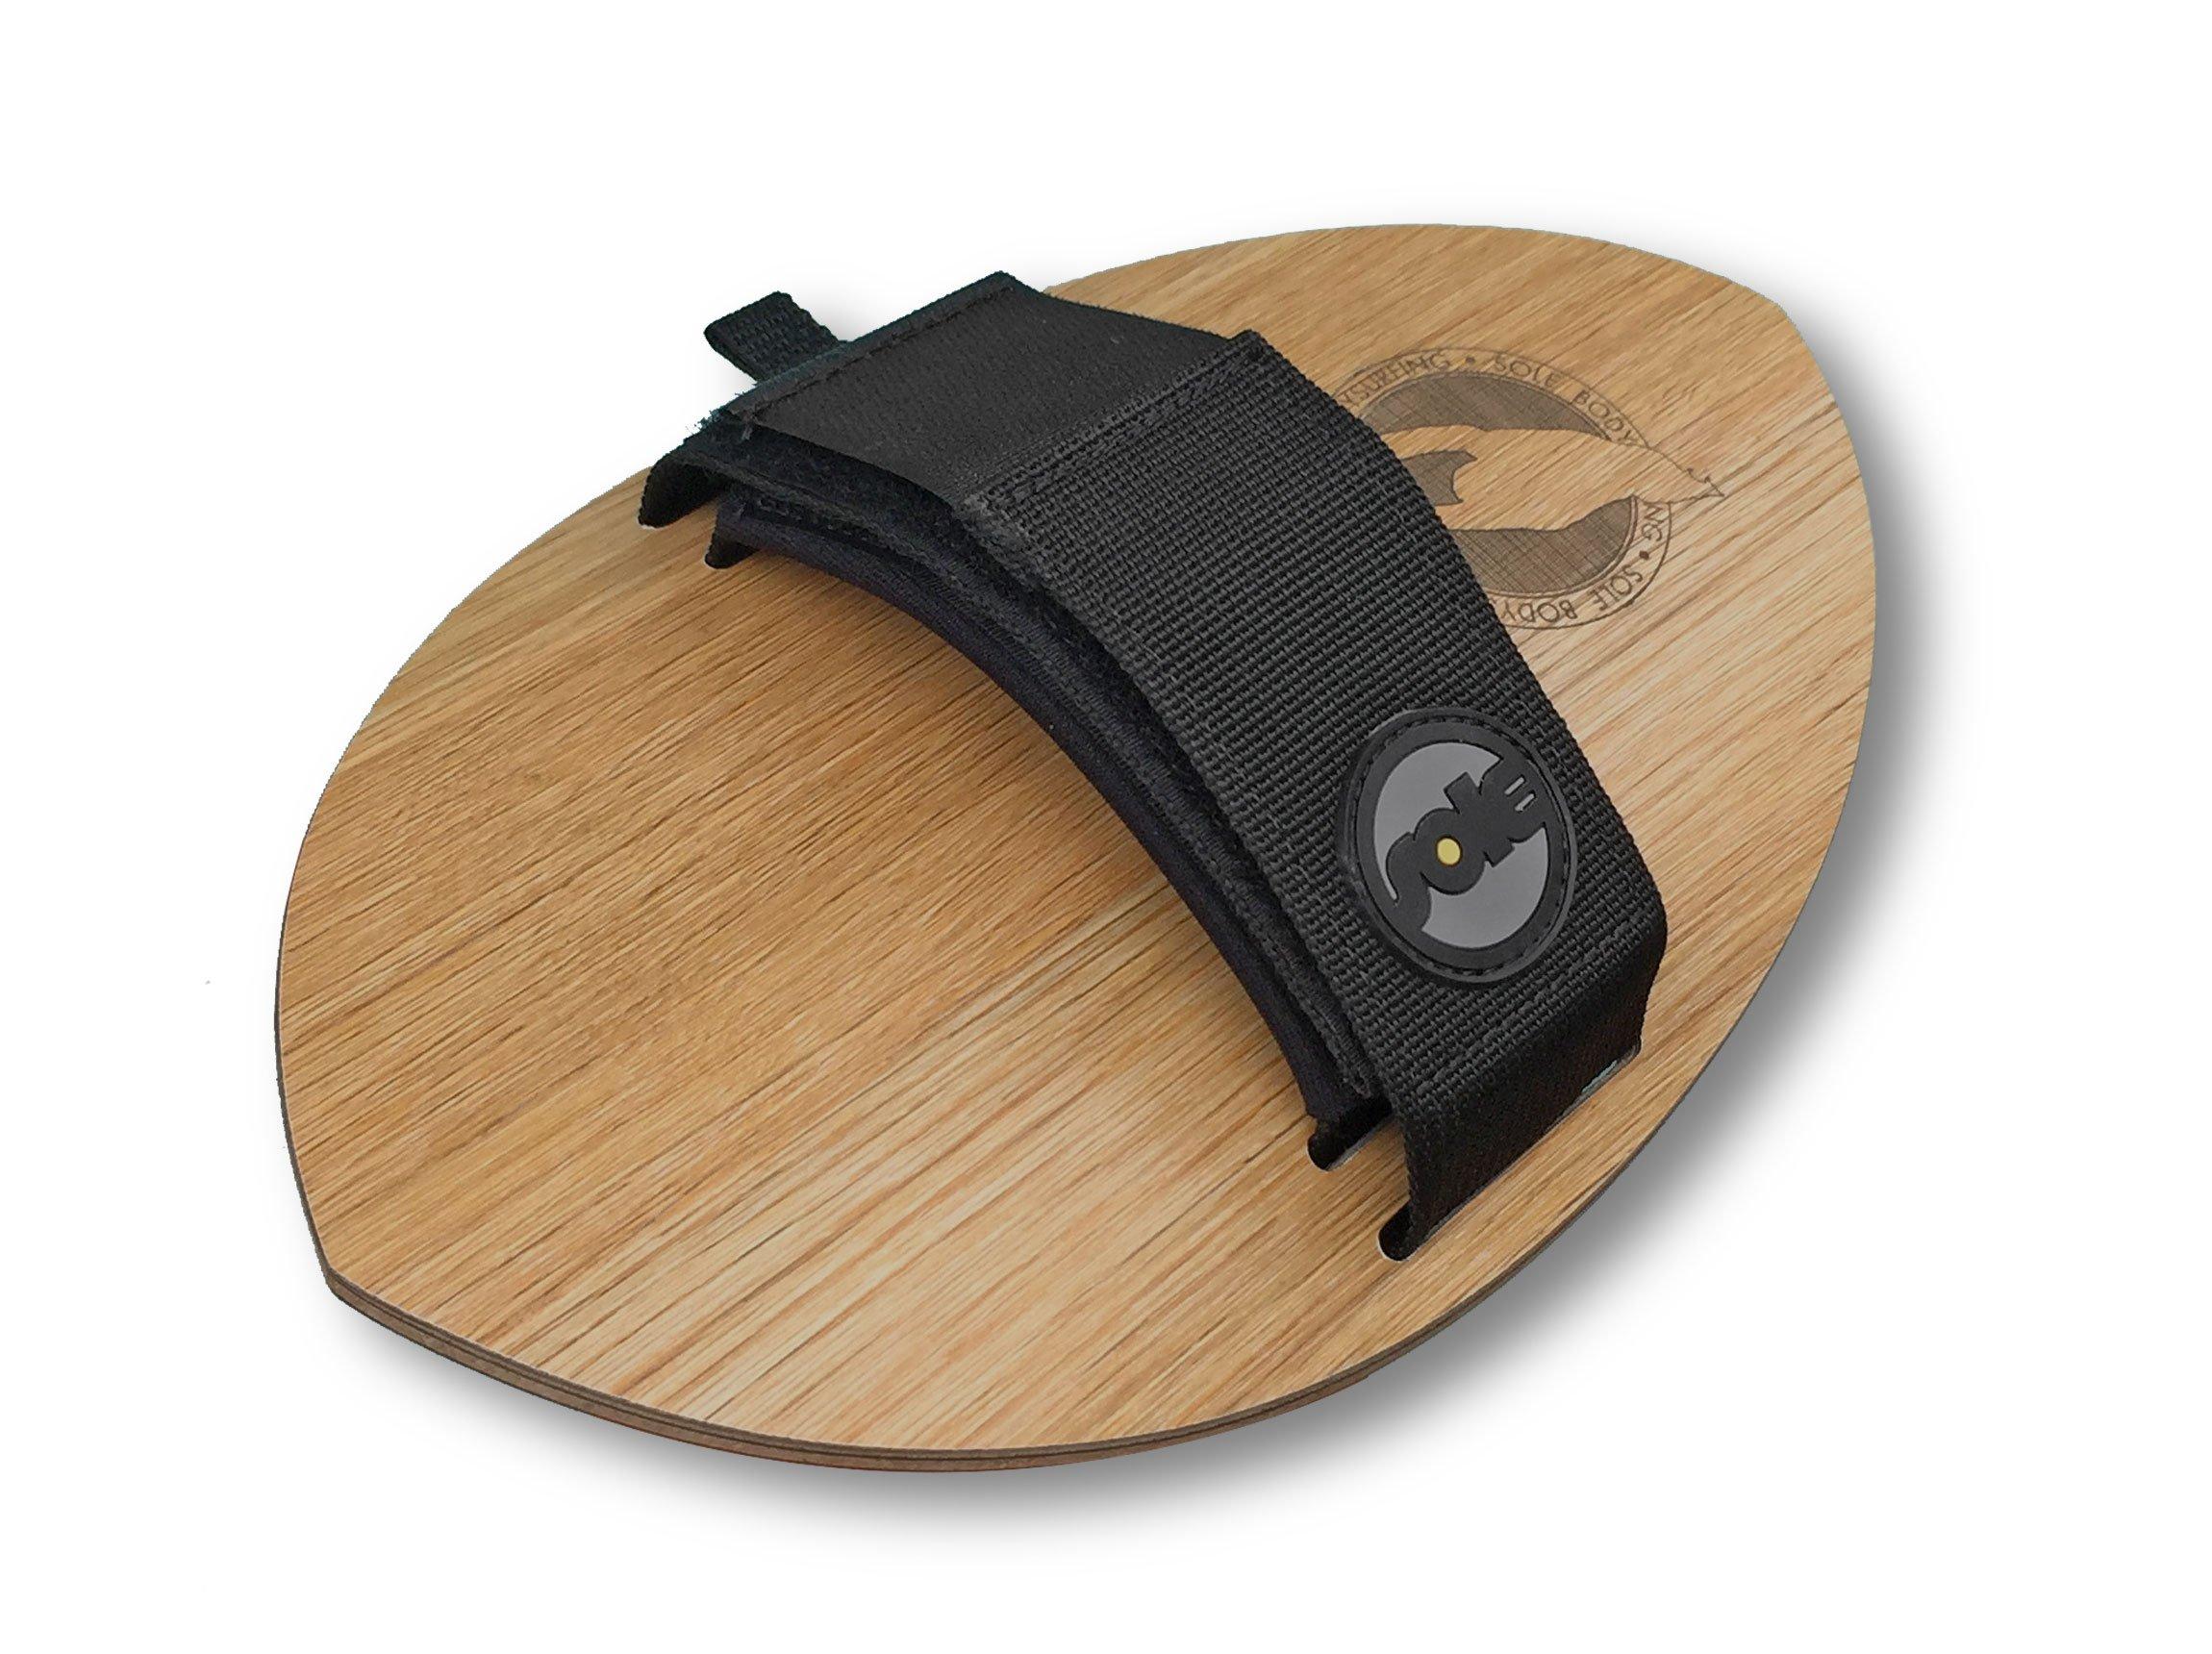 גלשן יד לגלישת גוף ה-Woodie Pocket-Rocket מתלבש על כף היד לגלישת Bodysurfing. מגיע עם זנב round. עשויי מעץ וחתוך בלייזר. הקונקייב בתחתית נותן הרבה מהירות.